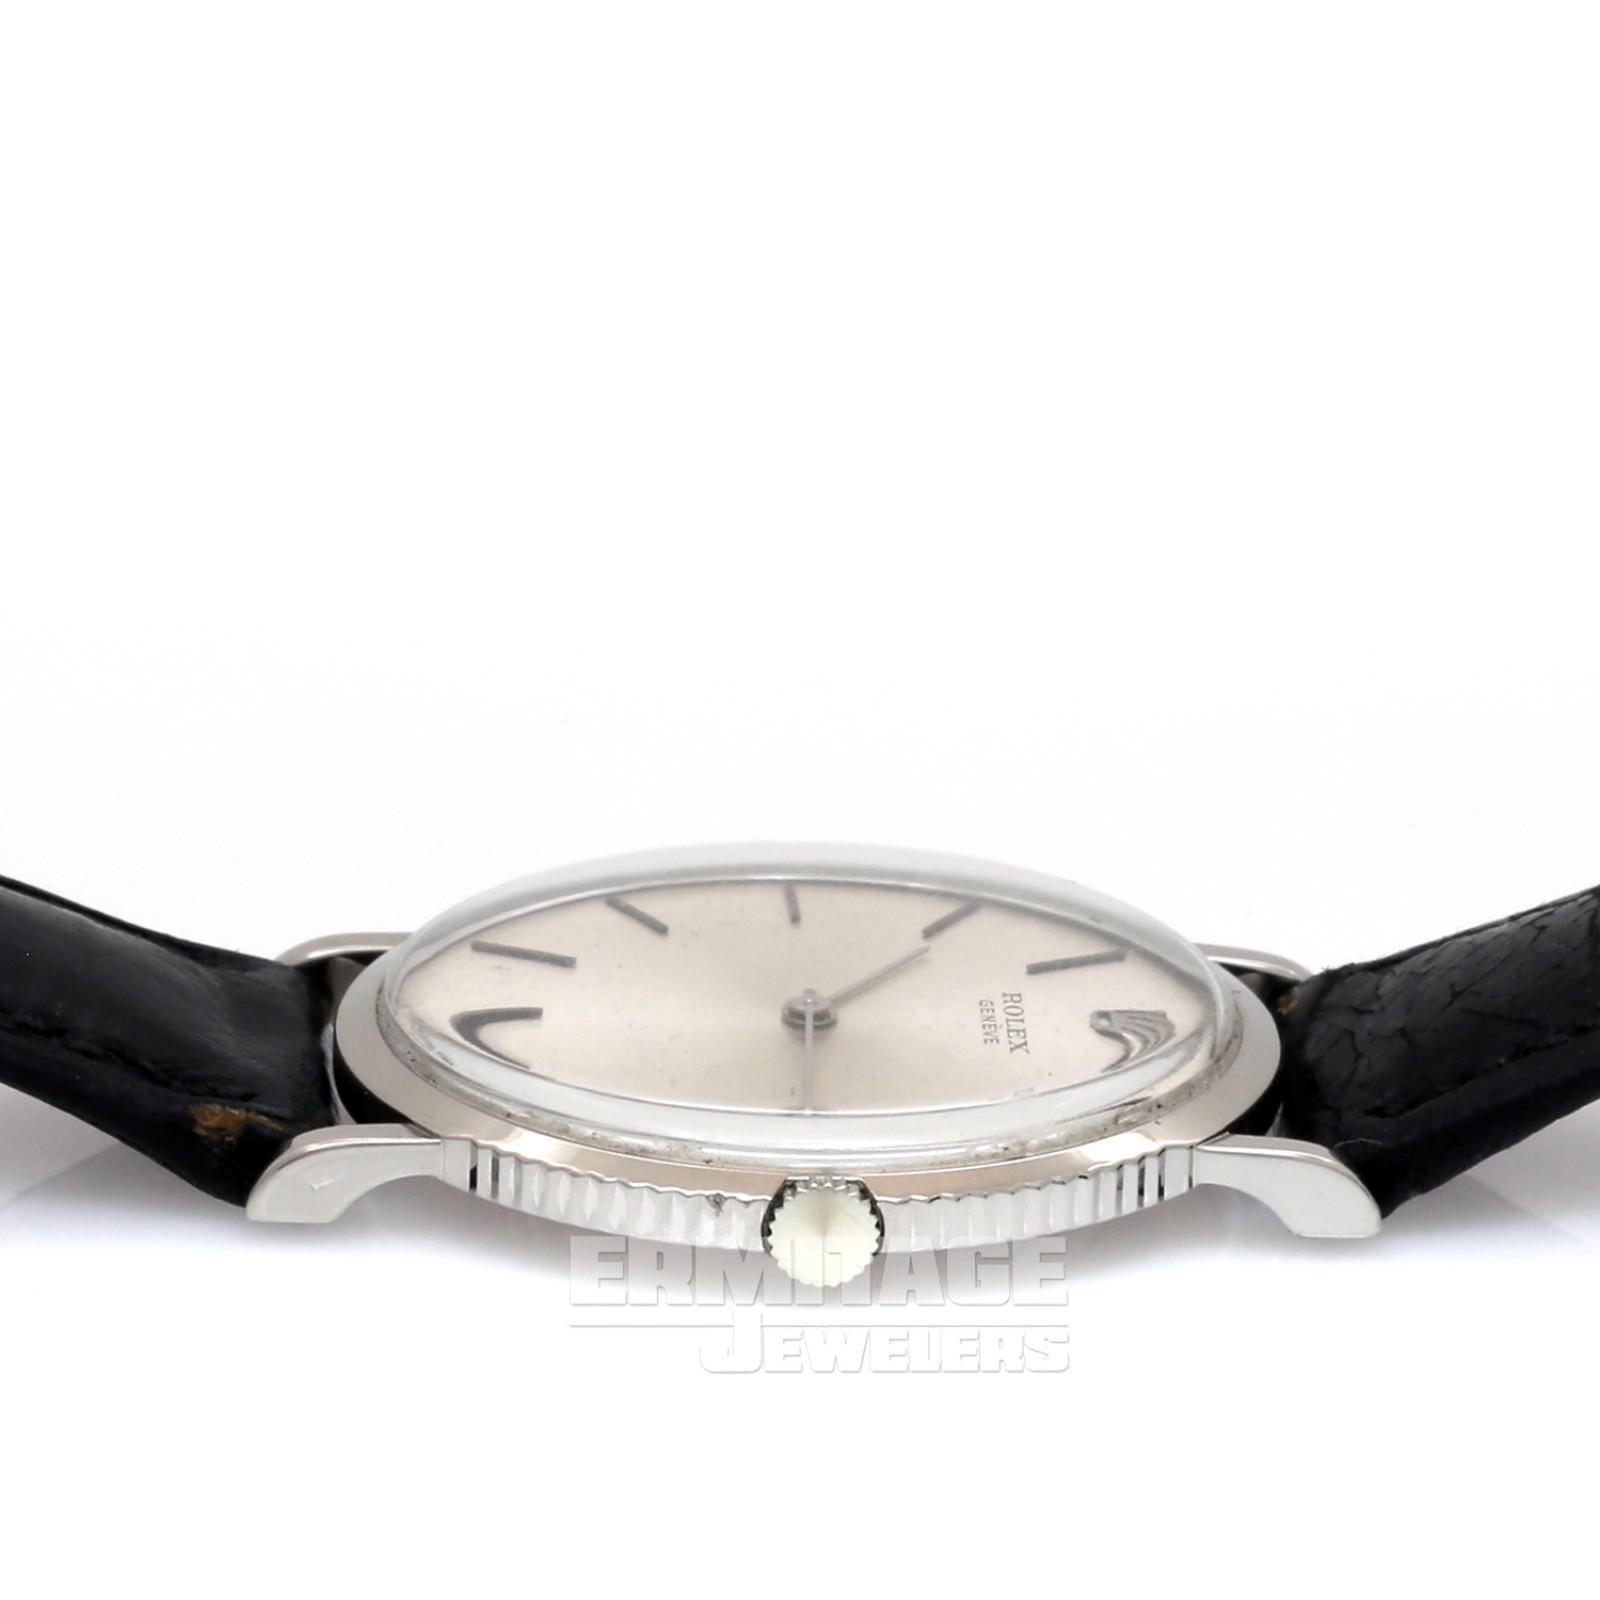 White Gold Rolex Cellini 9577